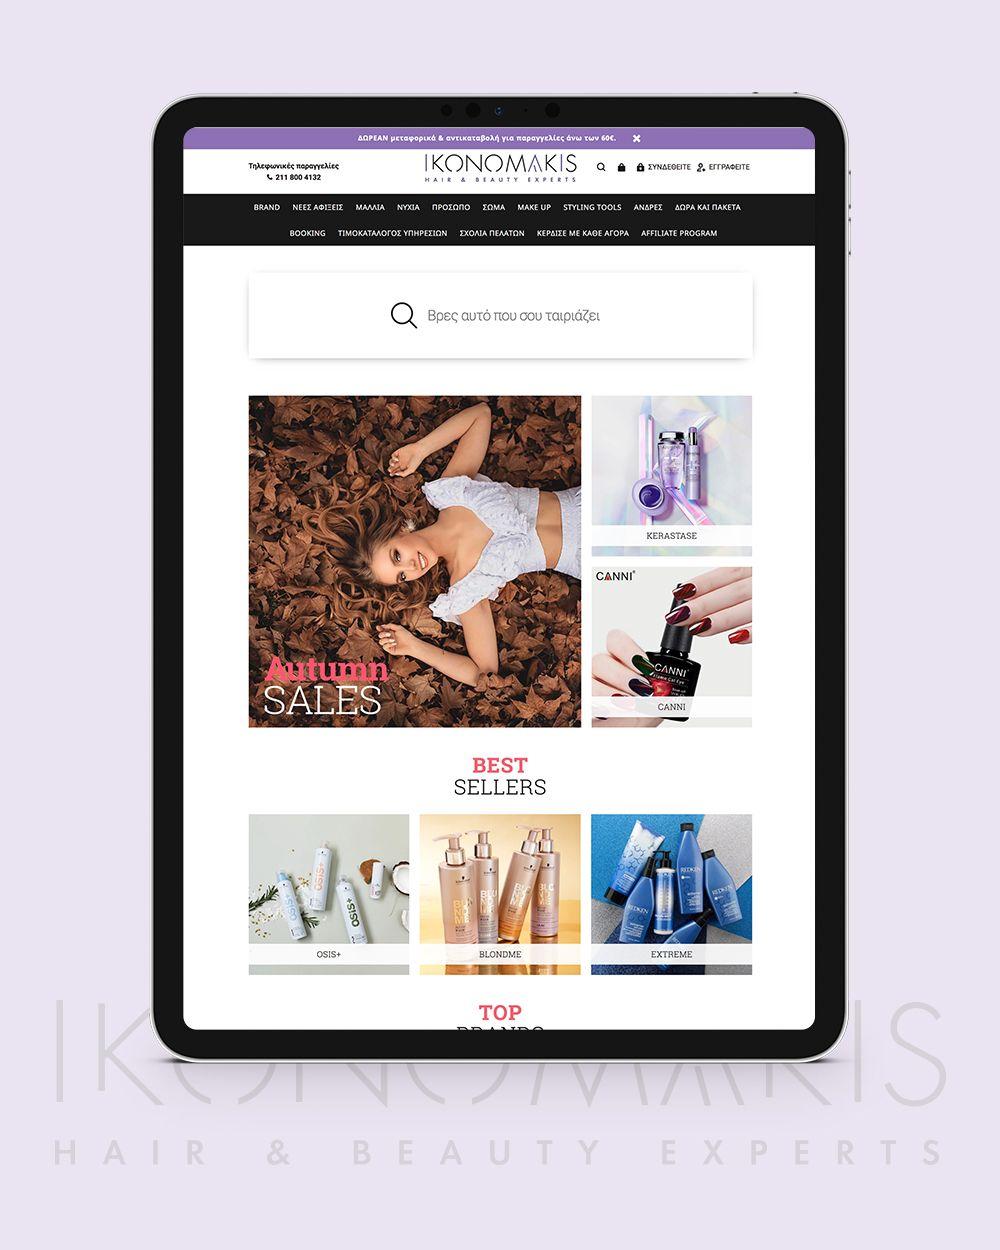 Η Think Plus λανσάρει το νέο eshop του ikonomakis.gr επενδύοντας στο Shopify